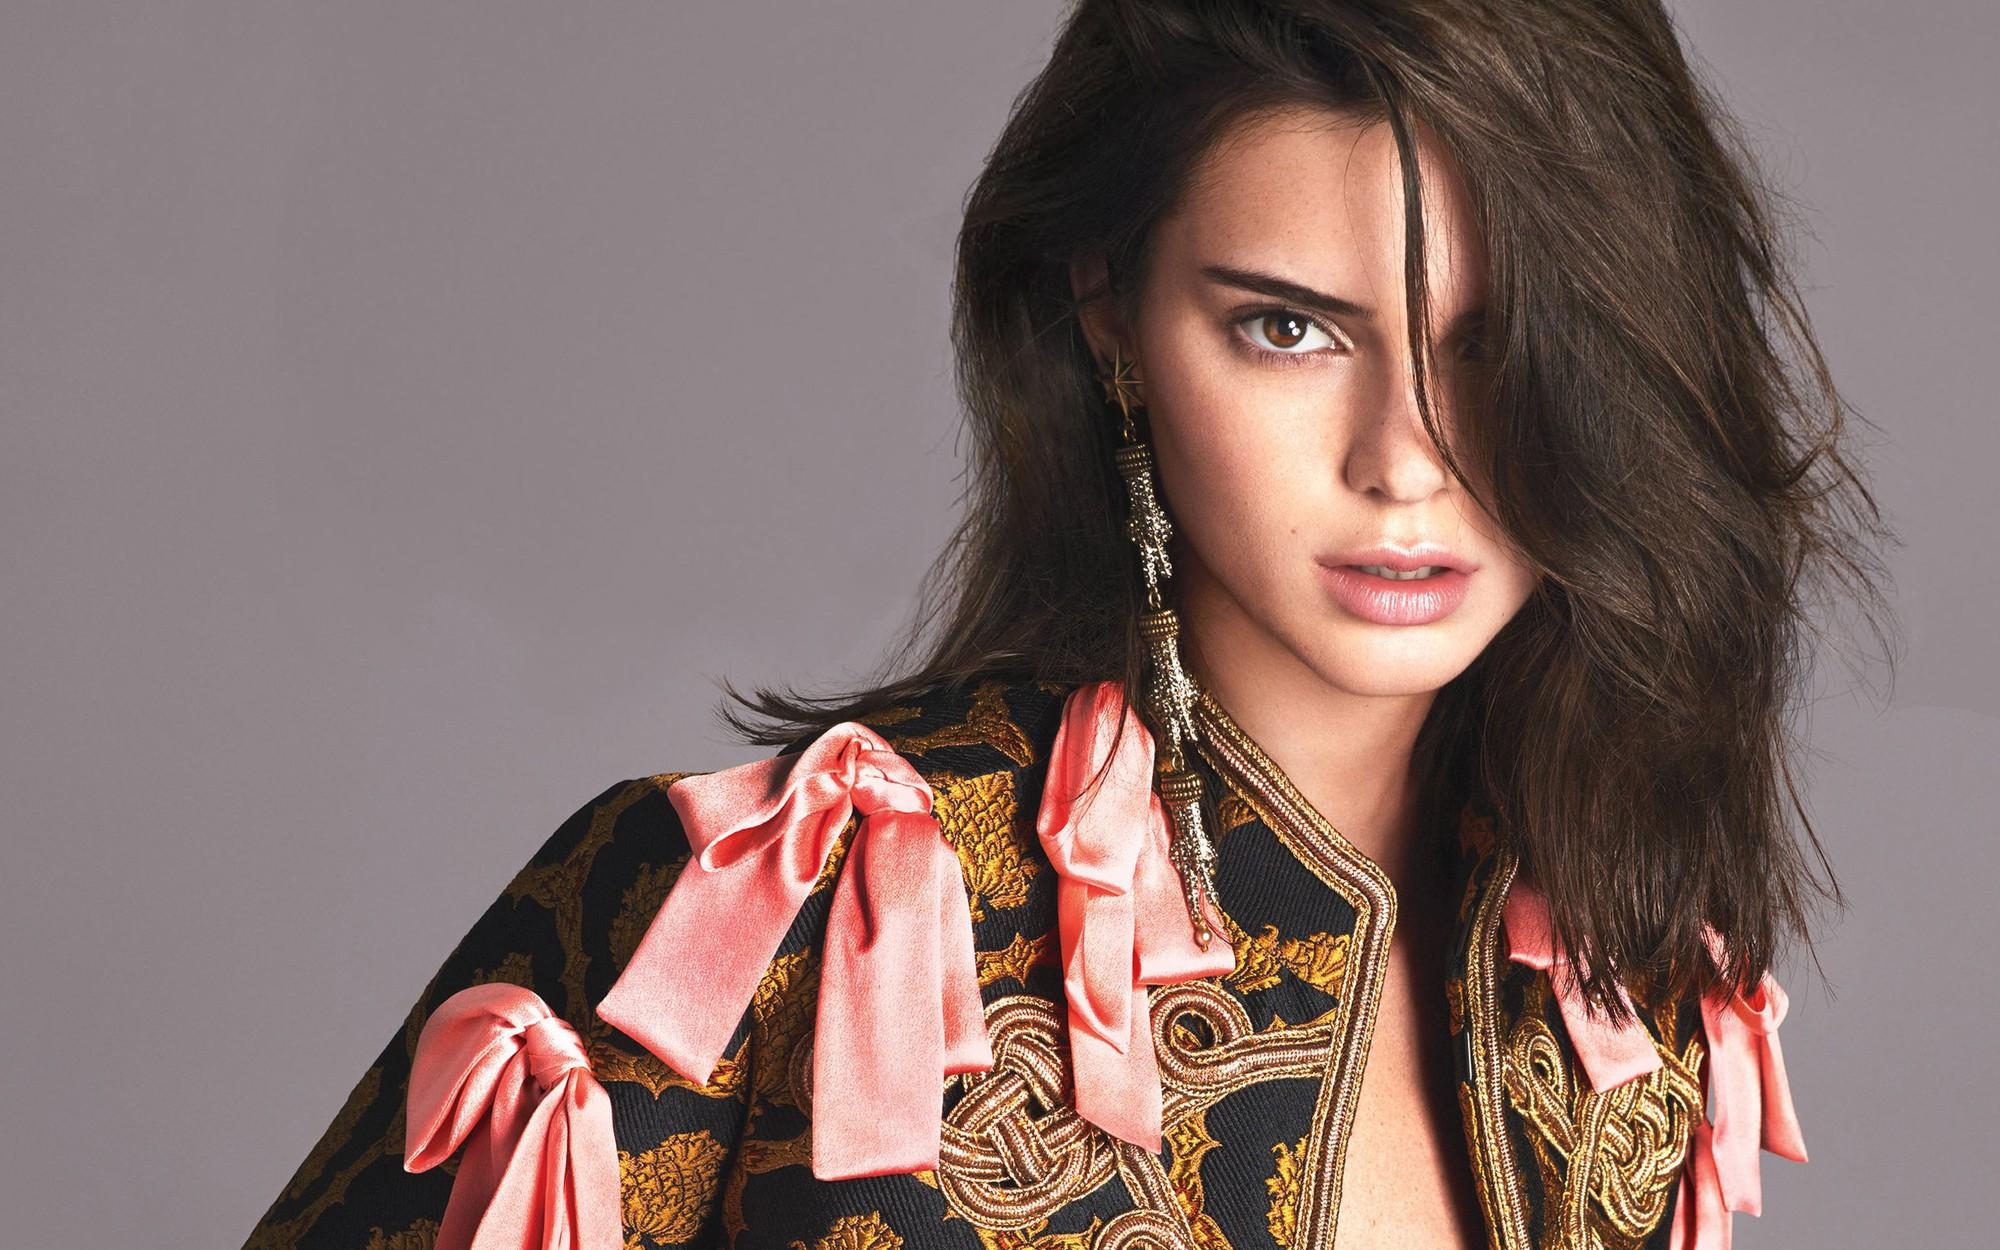 Kendall Jenner: Kẻ lạc loài nhà Kardashian đến mẫu 9x đắt giá nhất thế giới, cháu trai của Tổng thống Mỹ cũng phải mê - Ảnh 4.